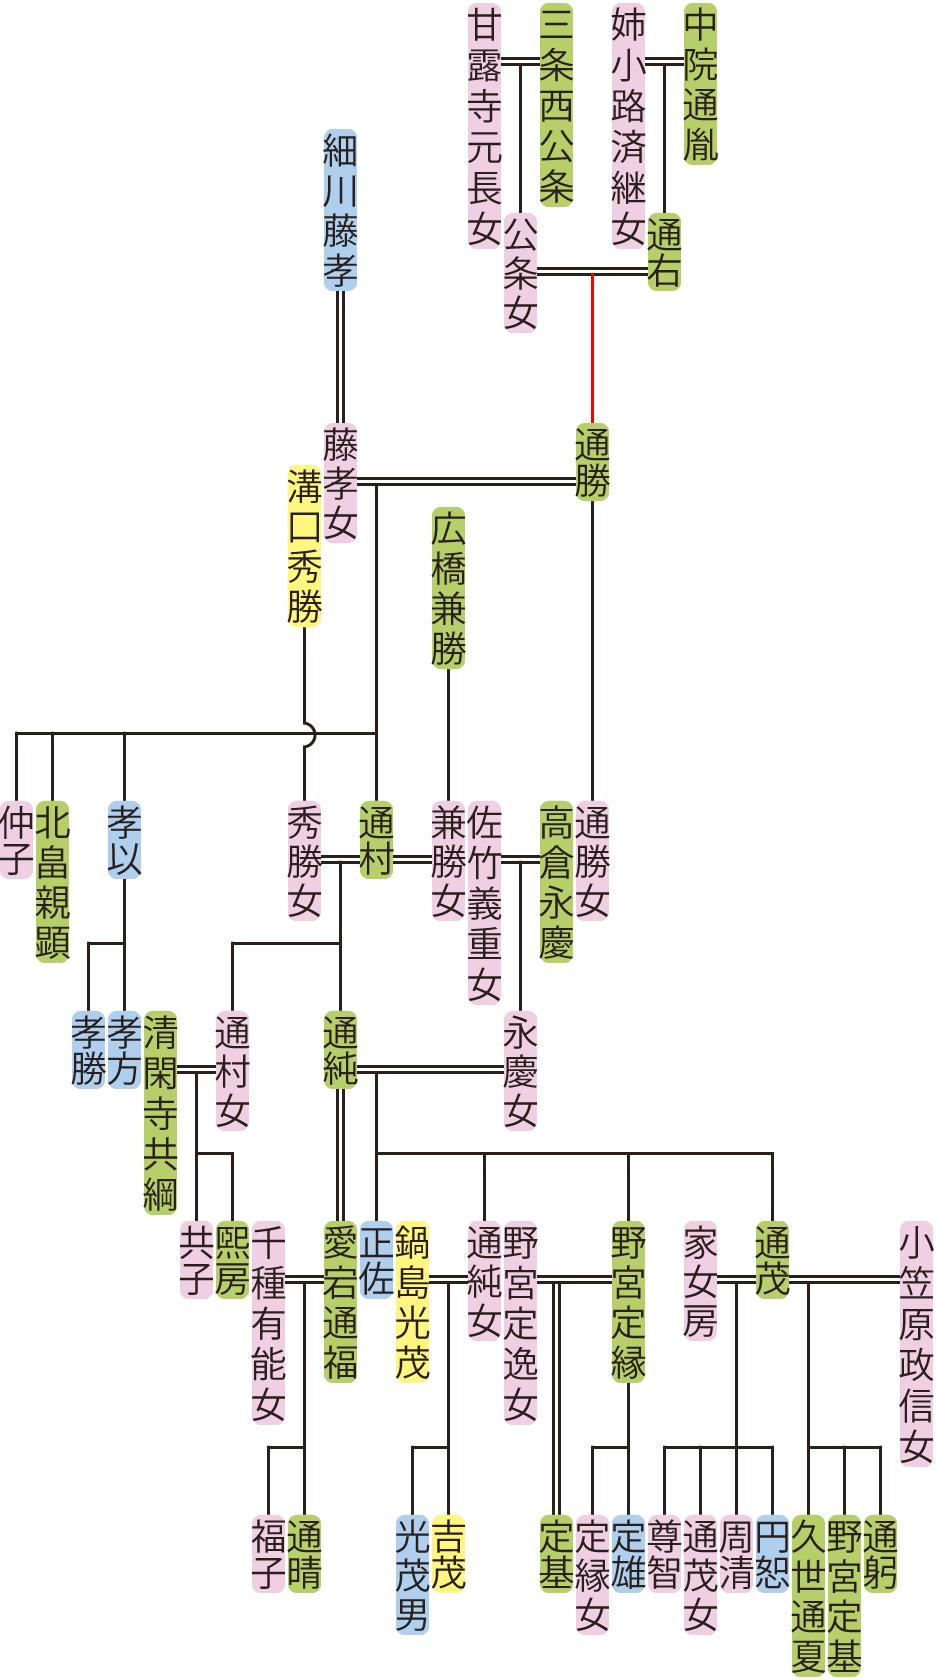 中院通勝~通純の系図